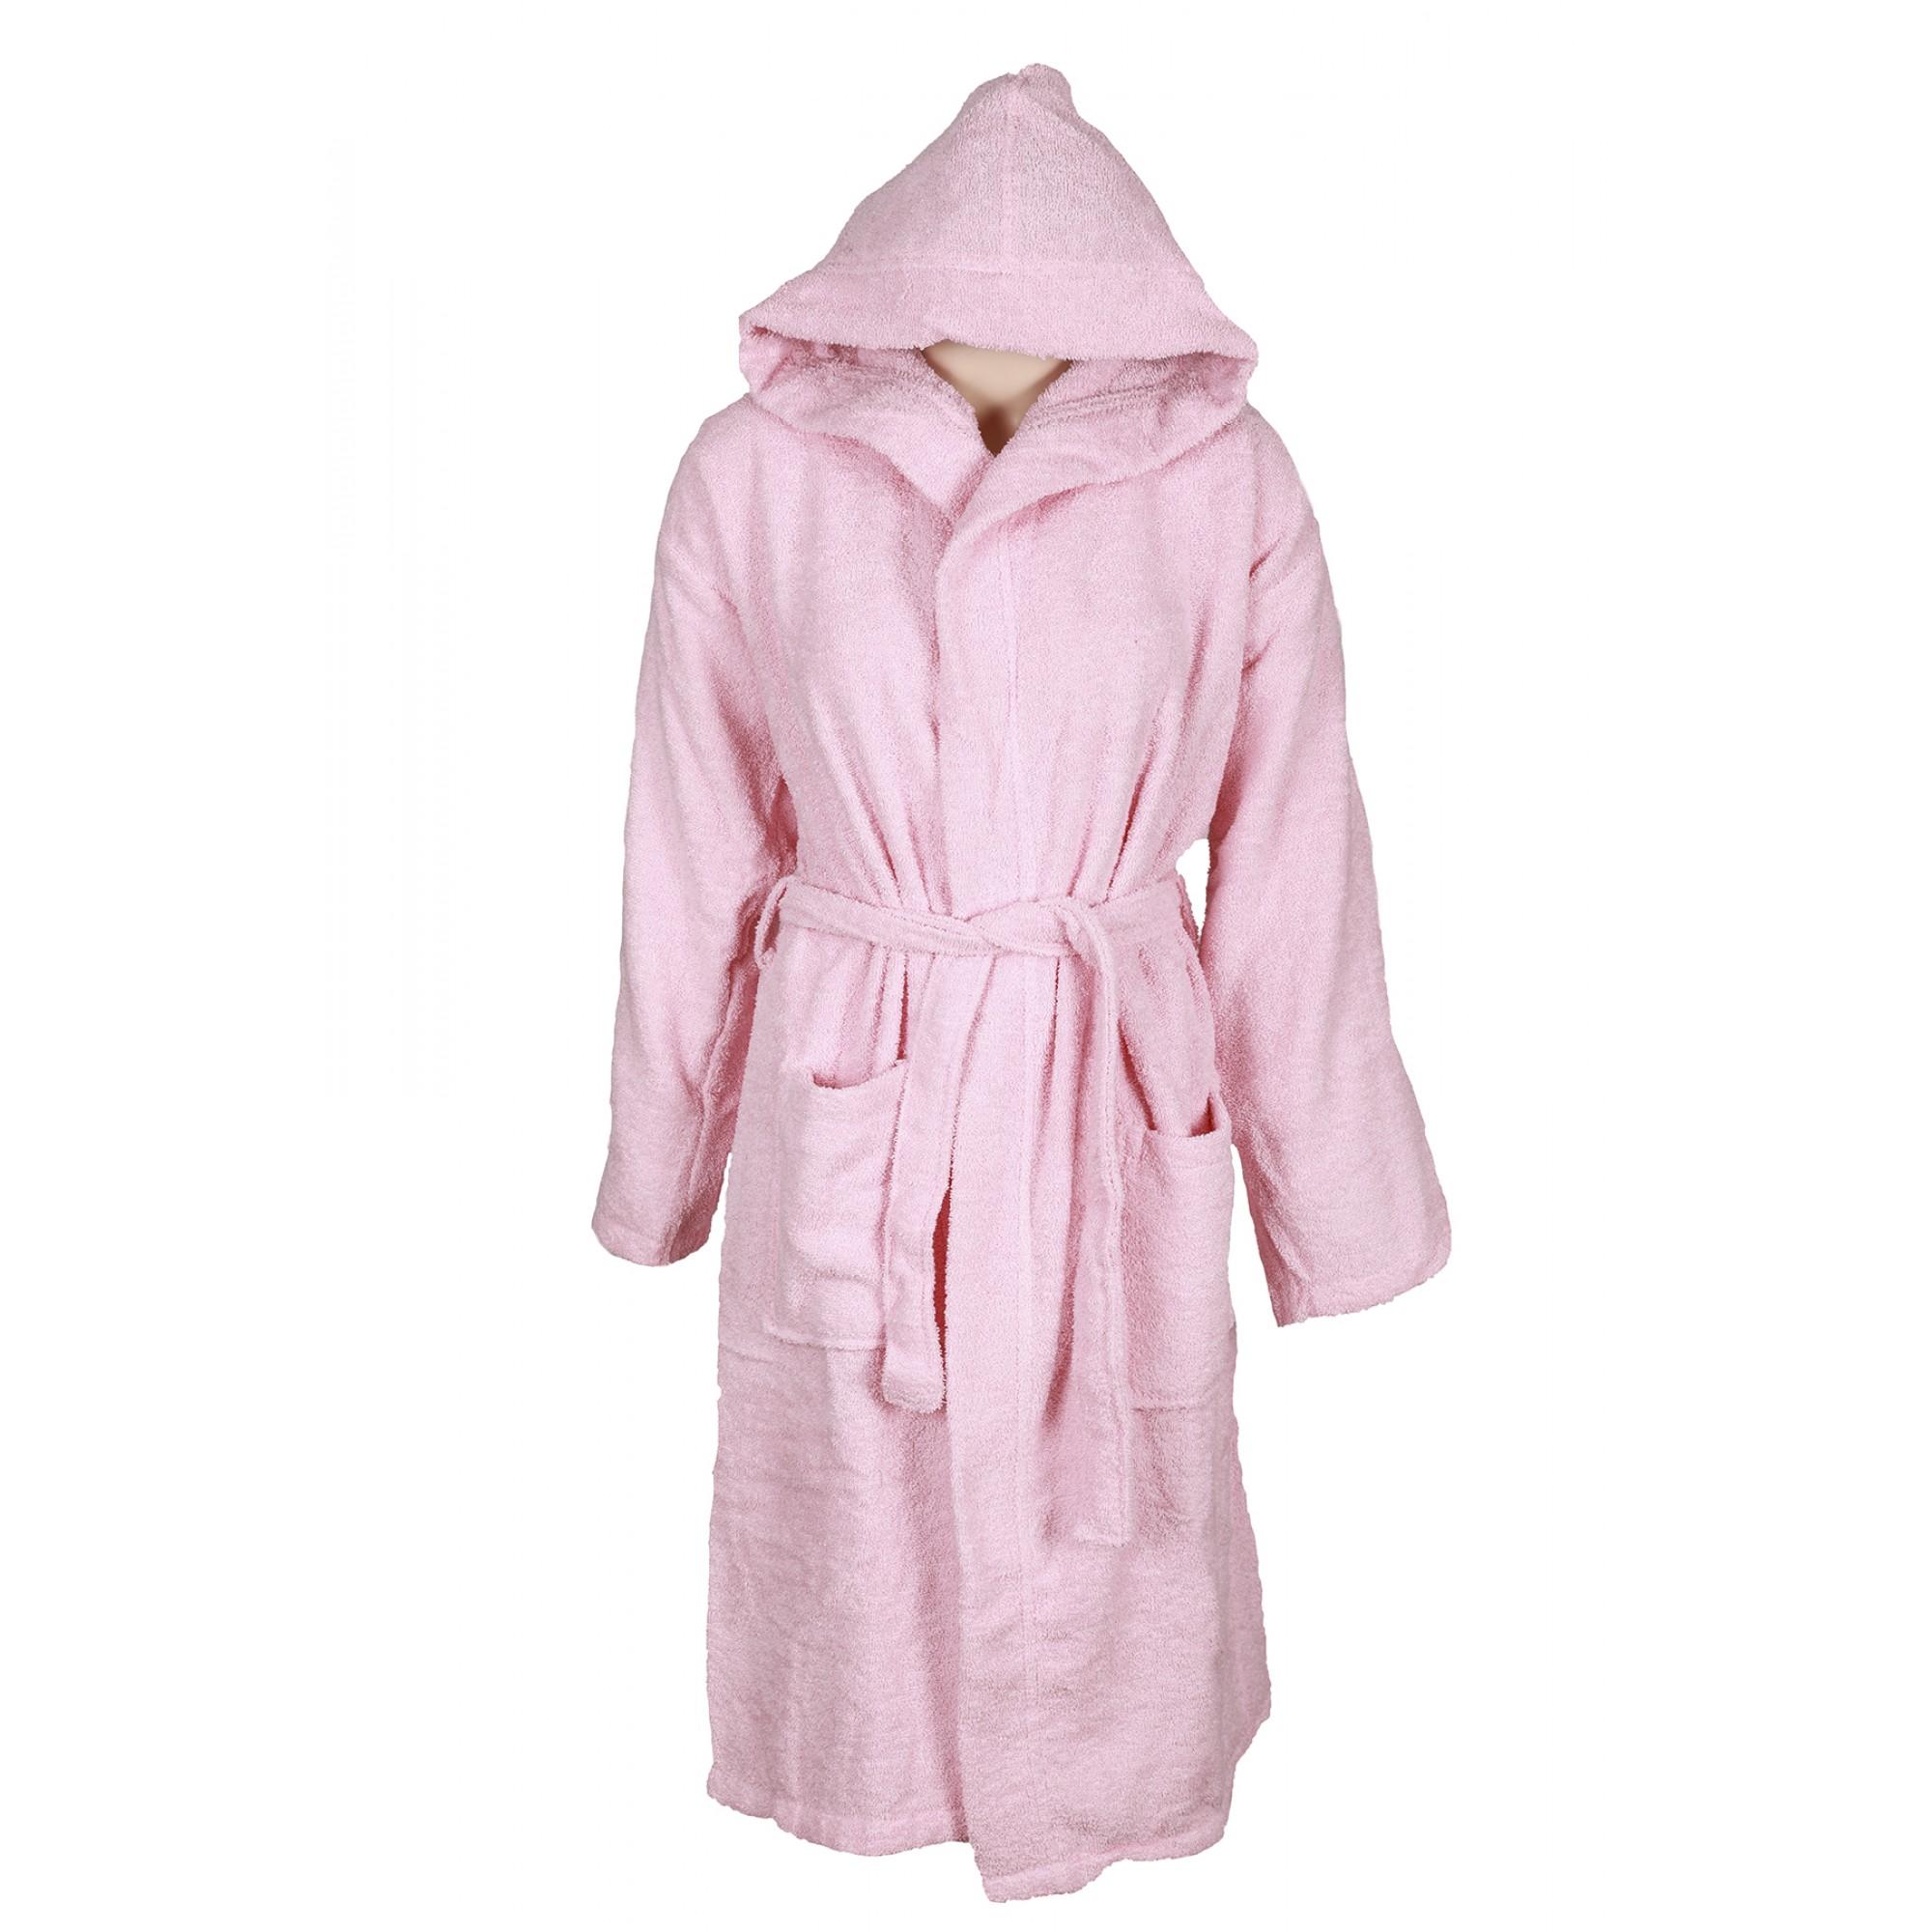 Памучен халат за баня Санур